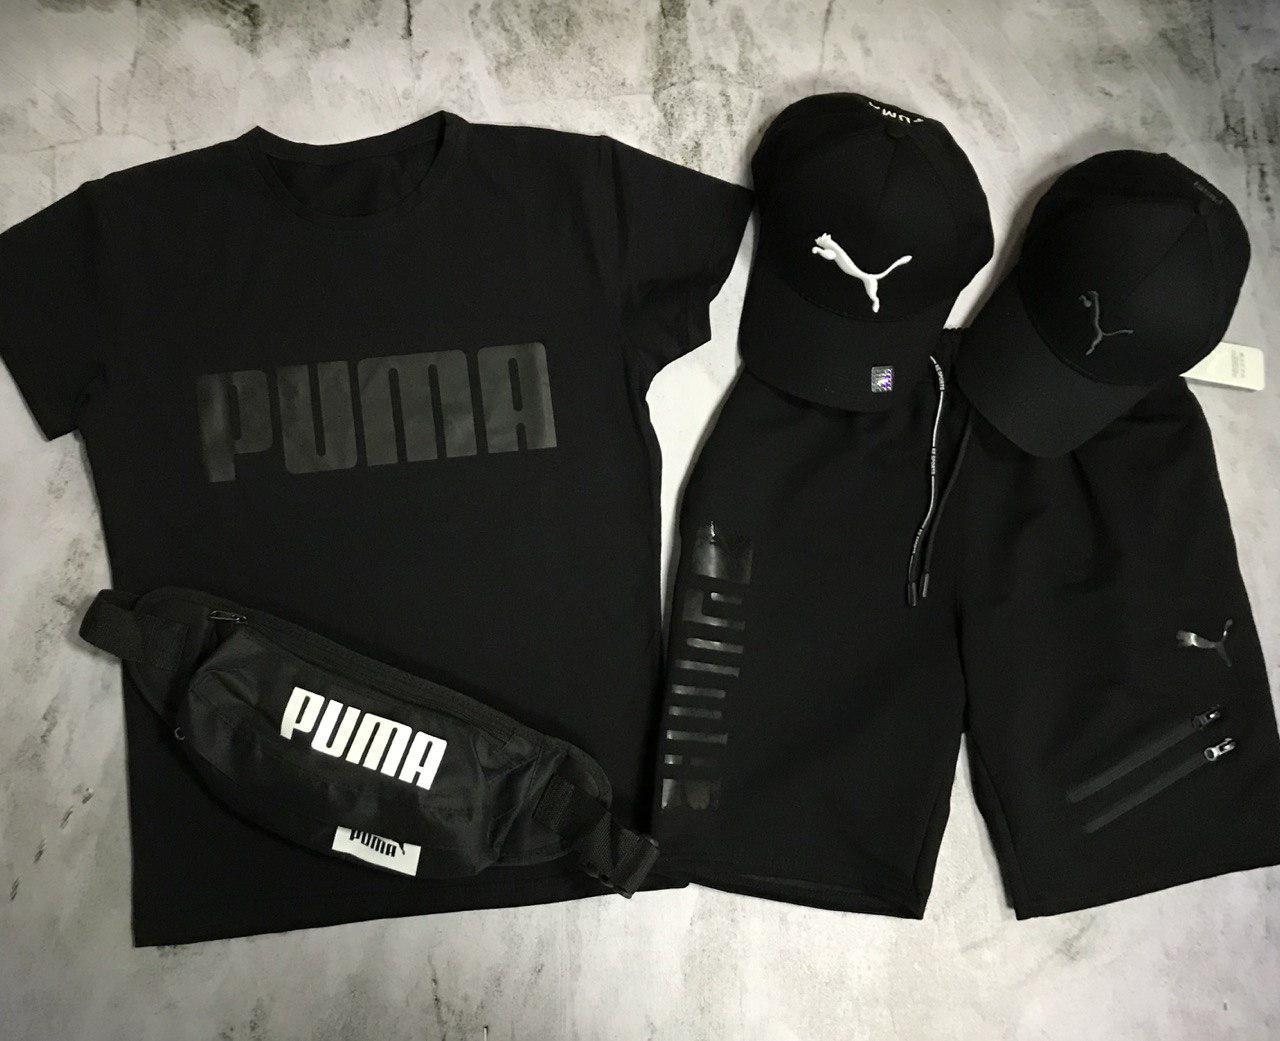 Мужской спортивный костюм (футболка и шорты) Puma Total Black